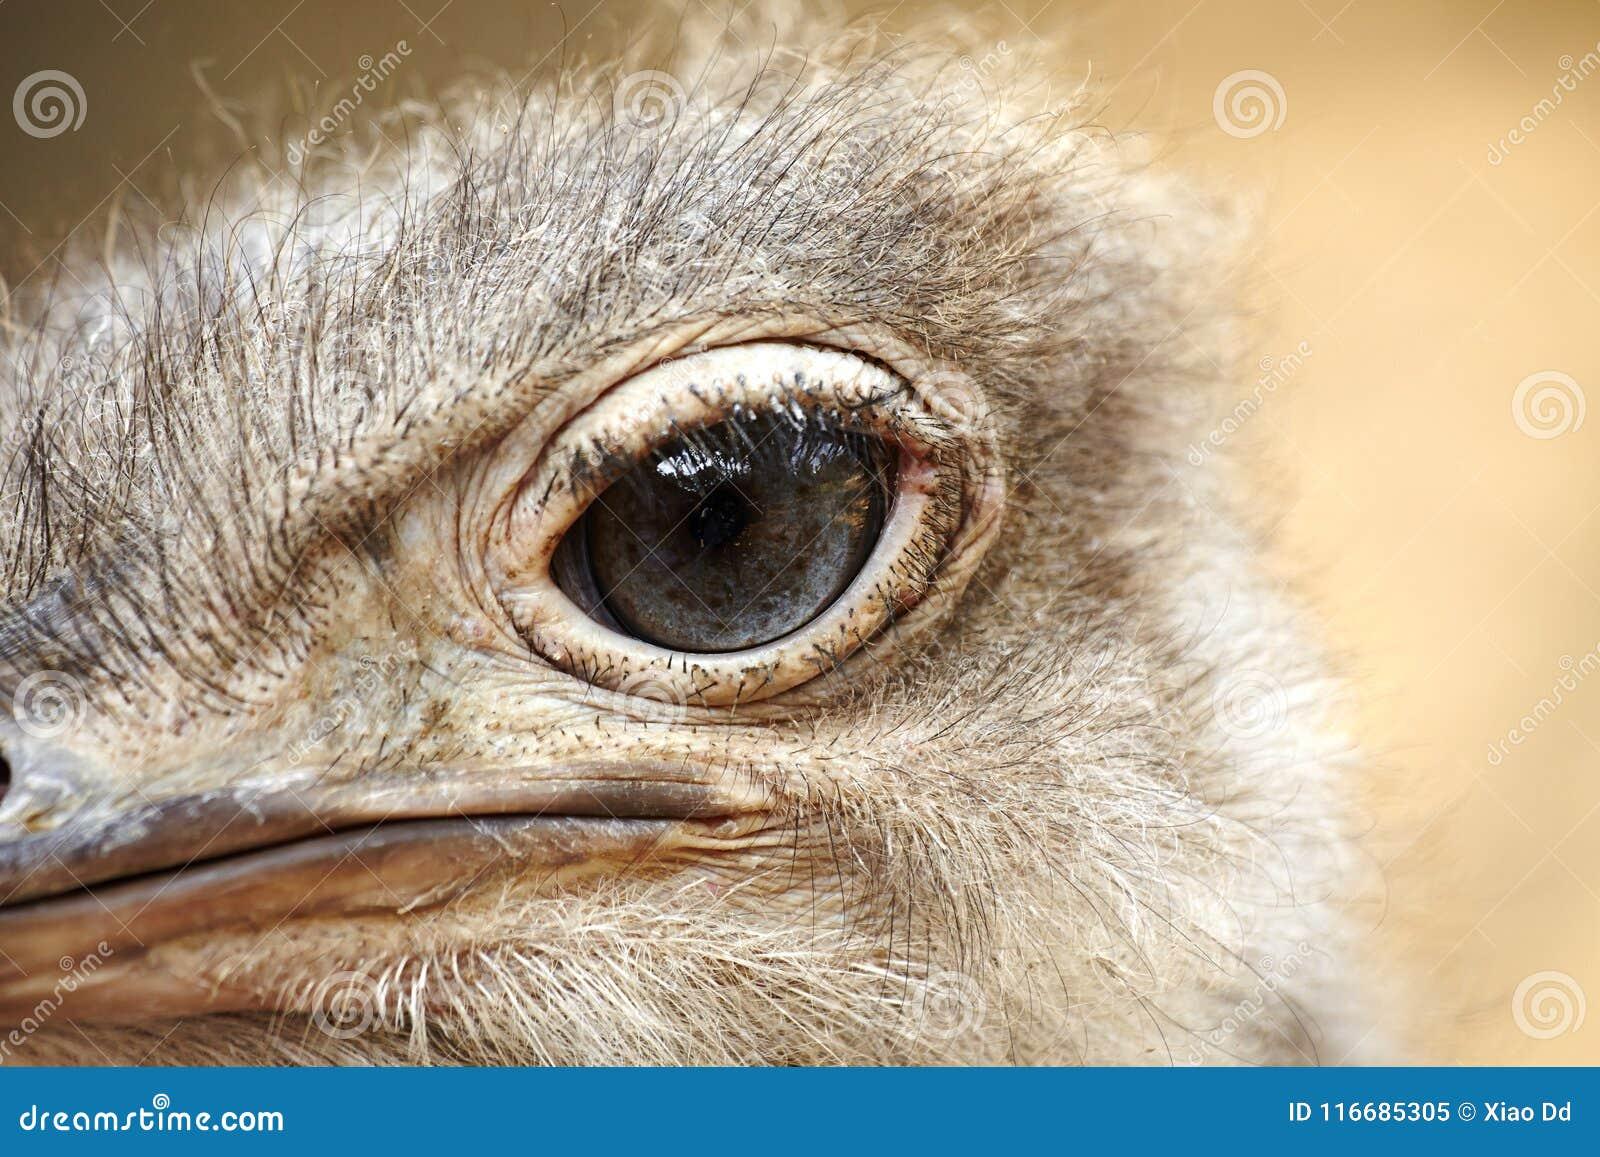 Ostrich`s eye, close-up